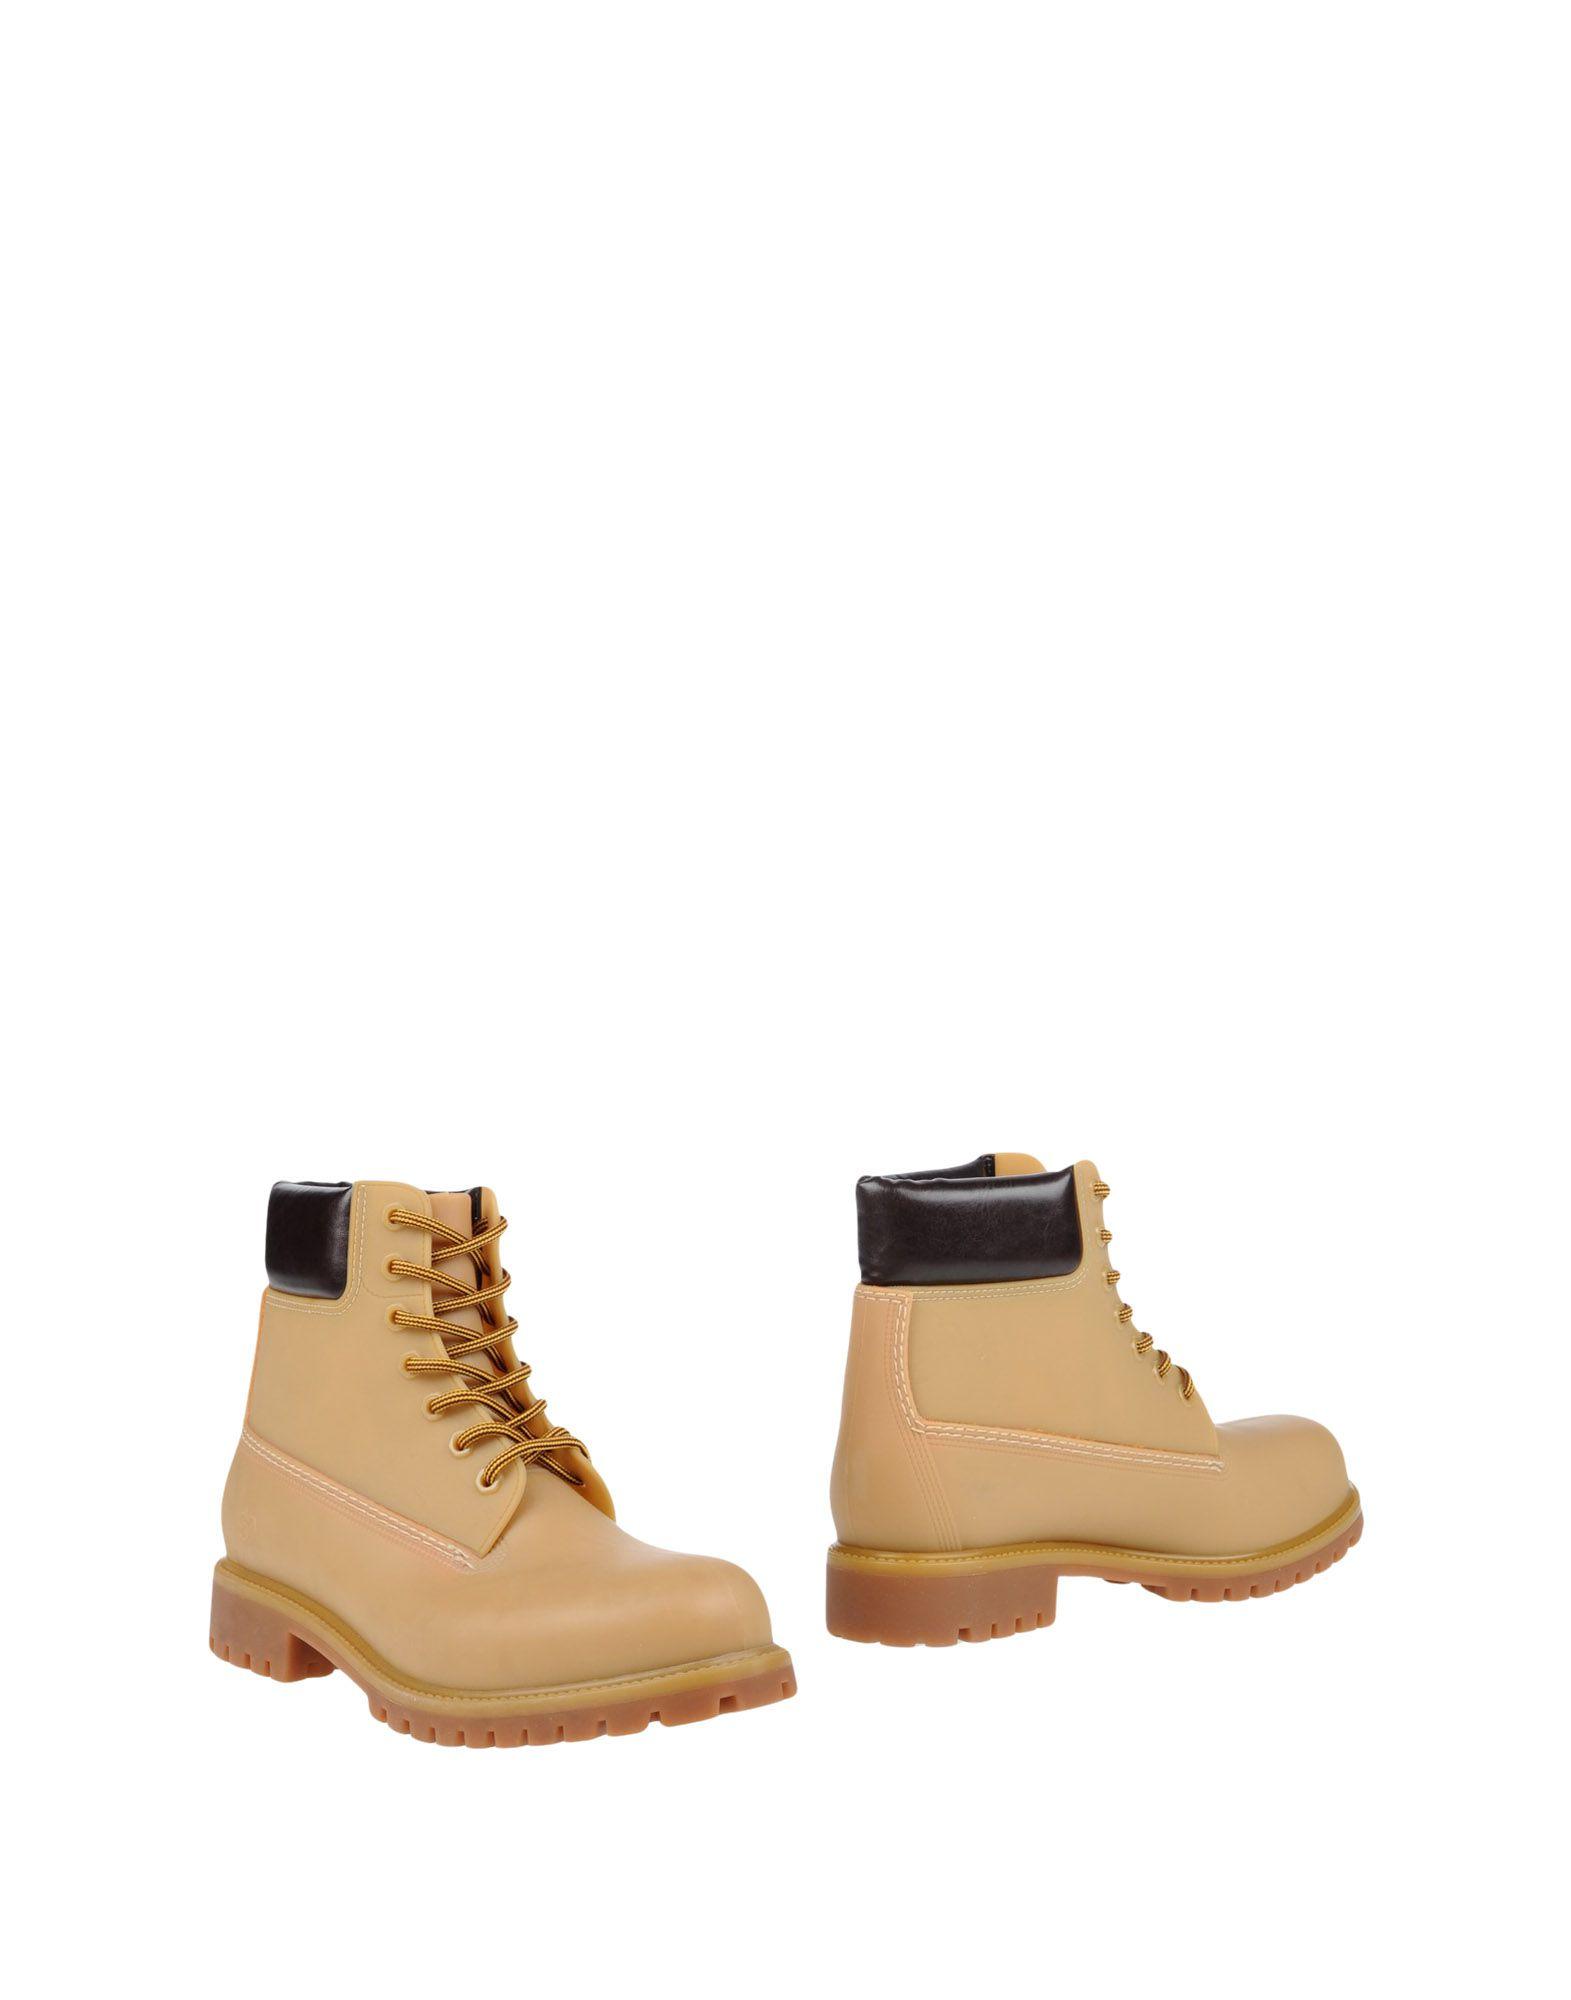 Shudy Gute Stiefelette Damen  11282468KA Gute Shudy Qualität beliebte Schuhe 110ab0